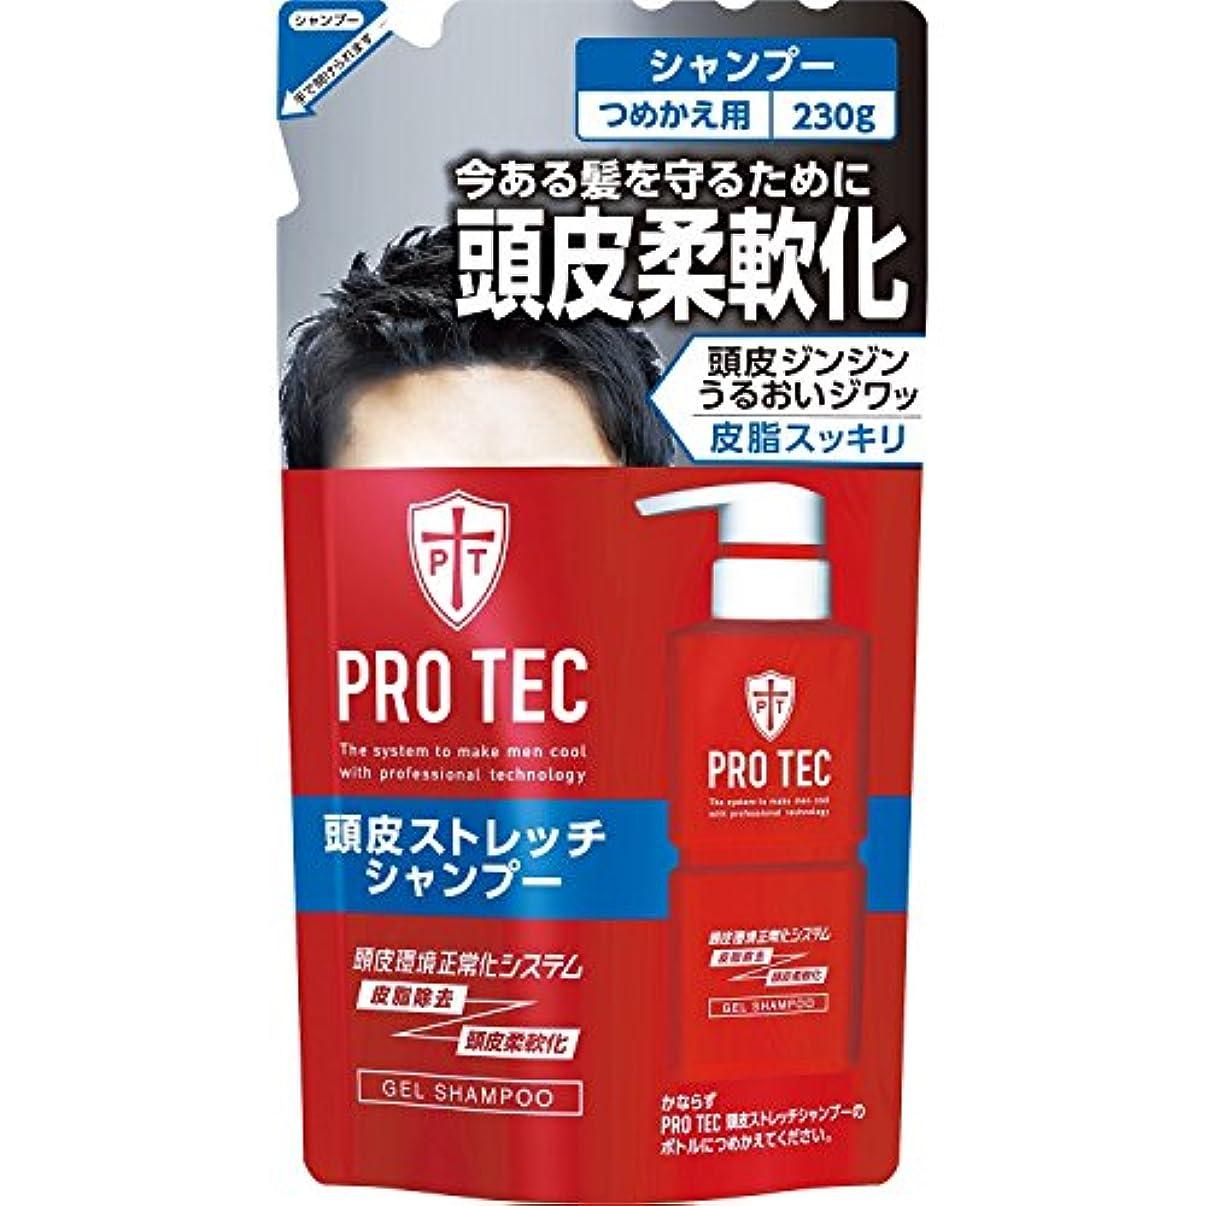 背景延期するその間PRO TEC(プロテク) 頭皮ストレッチ シャンプー 詰め替え 230g(医薬部外品)